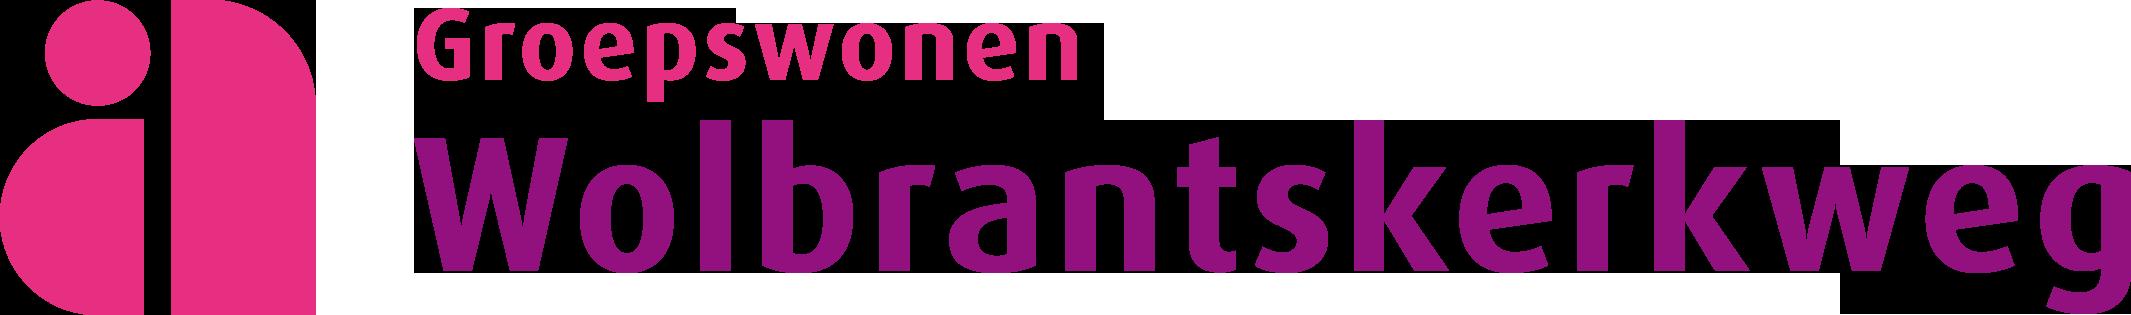 Wolbrantskerkweg